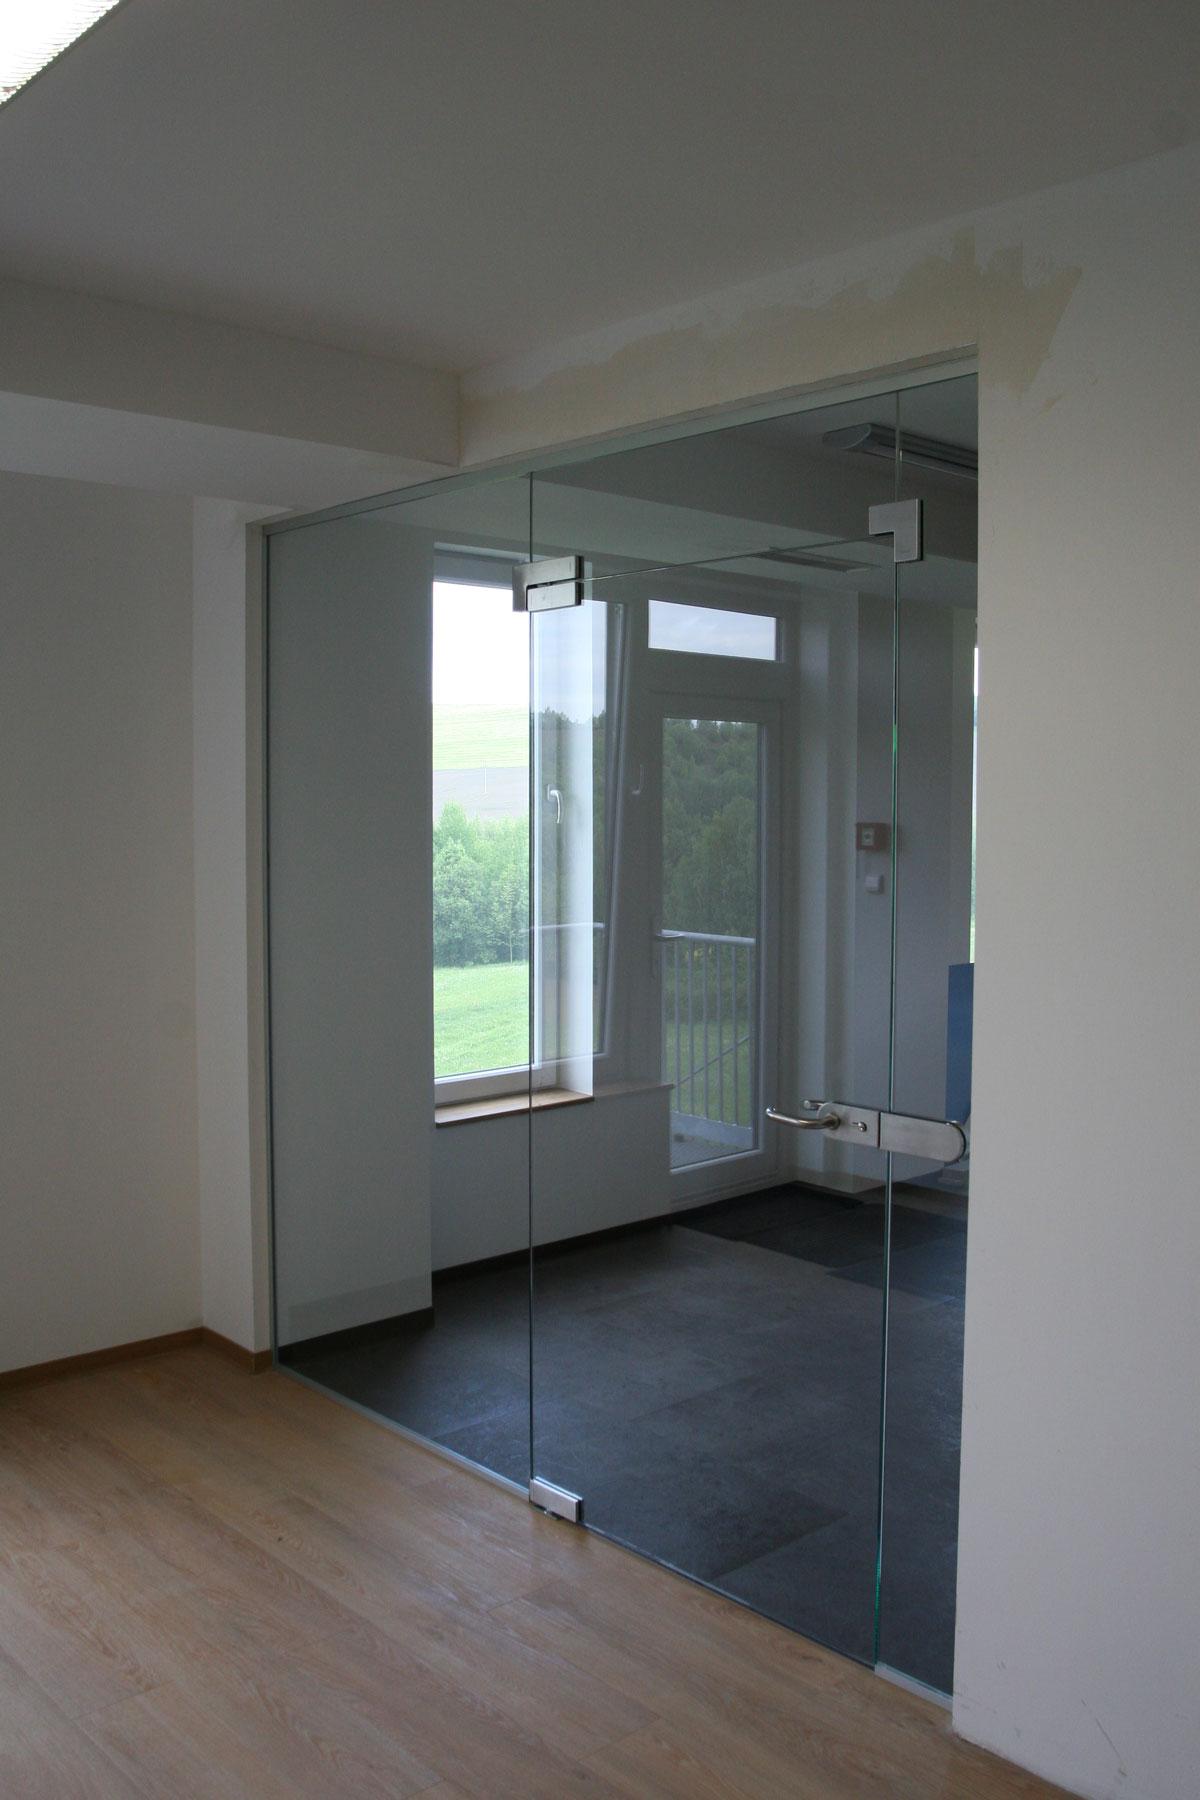 Sklenarstvi-Prerost-sklenene- steny-a-dvere (52)